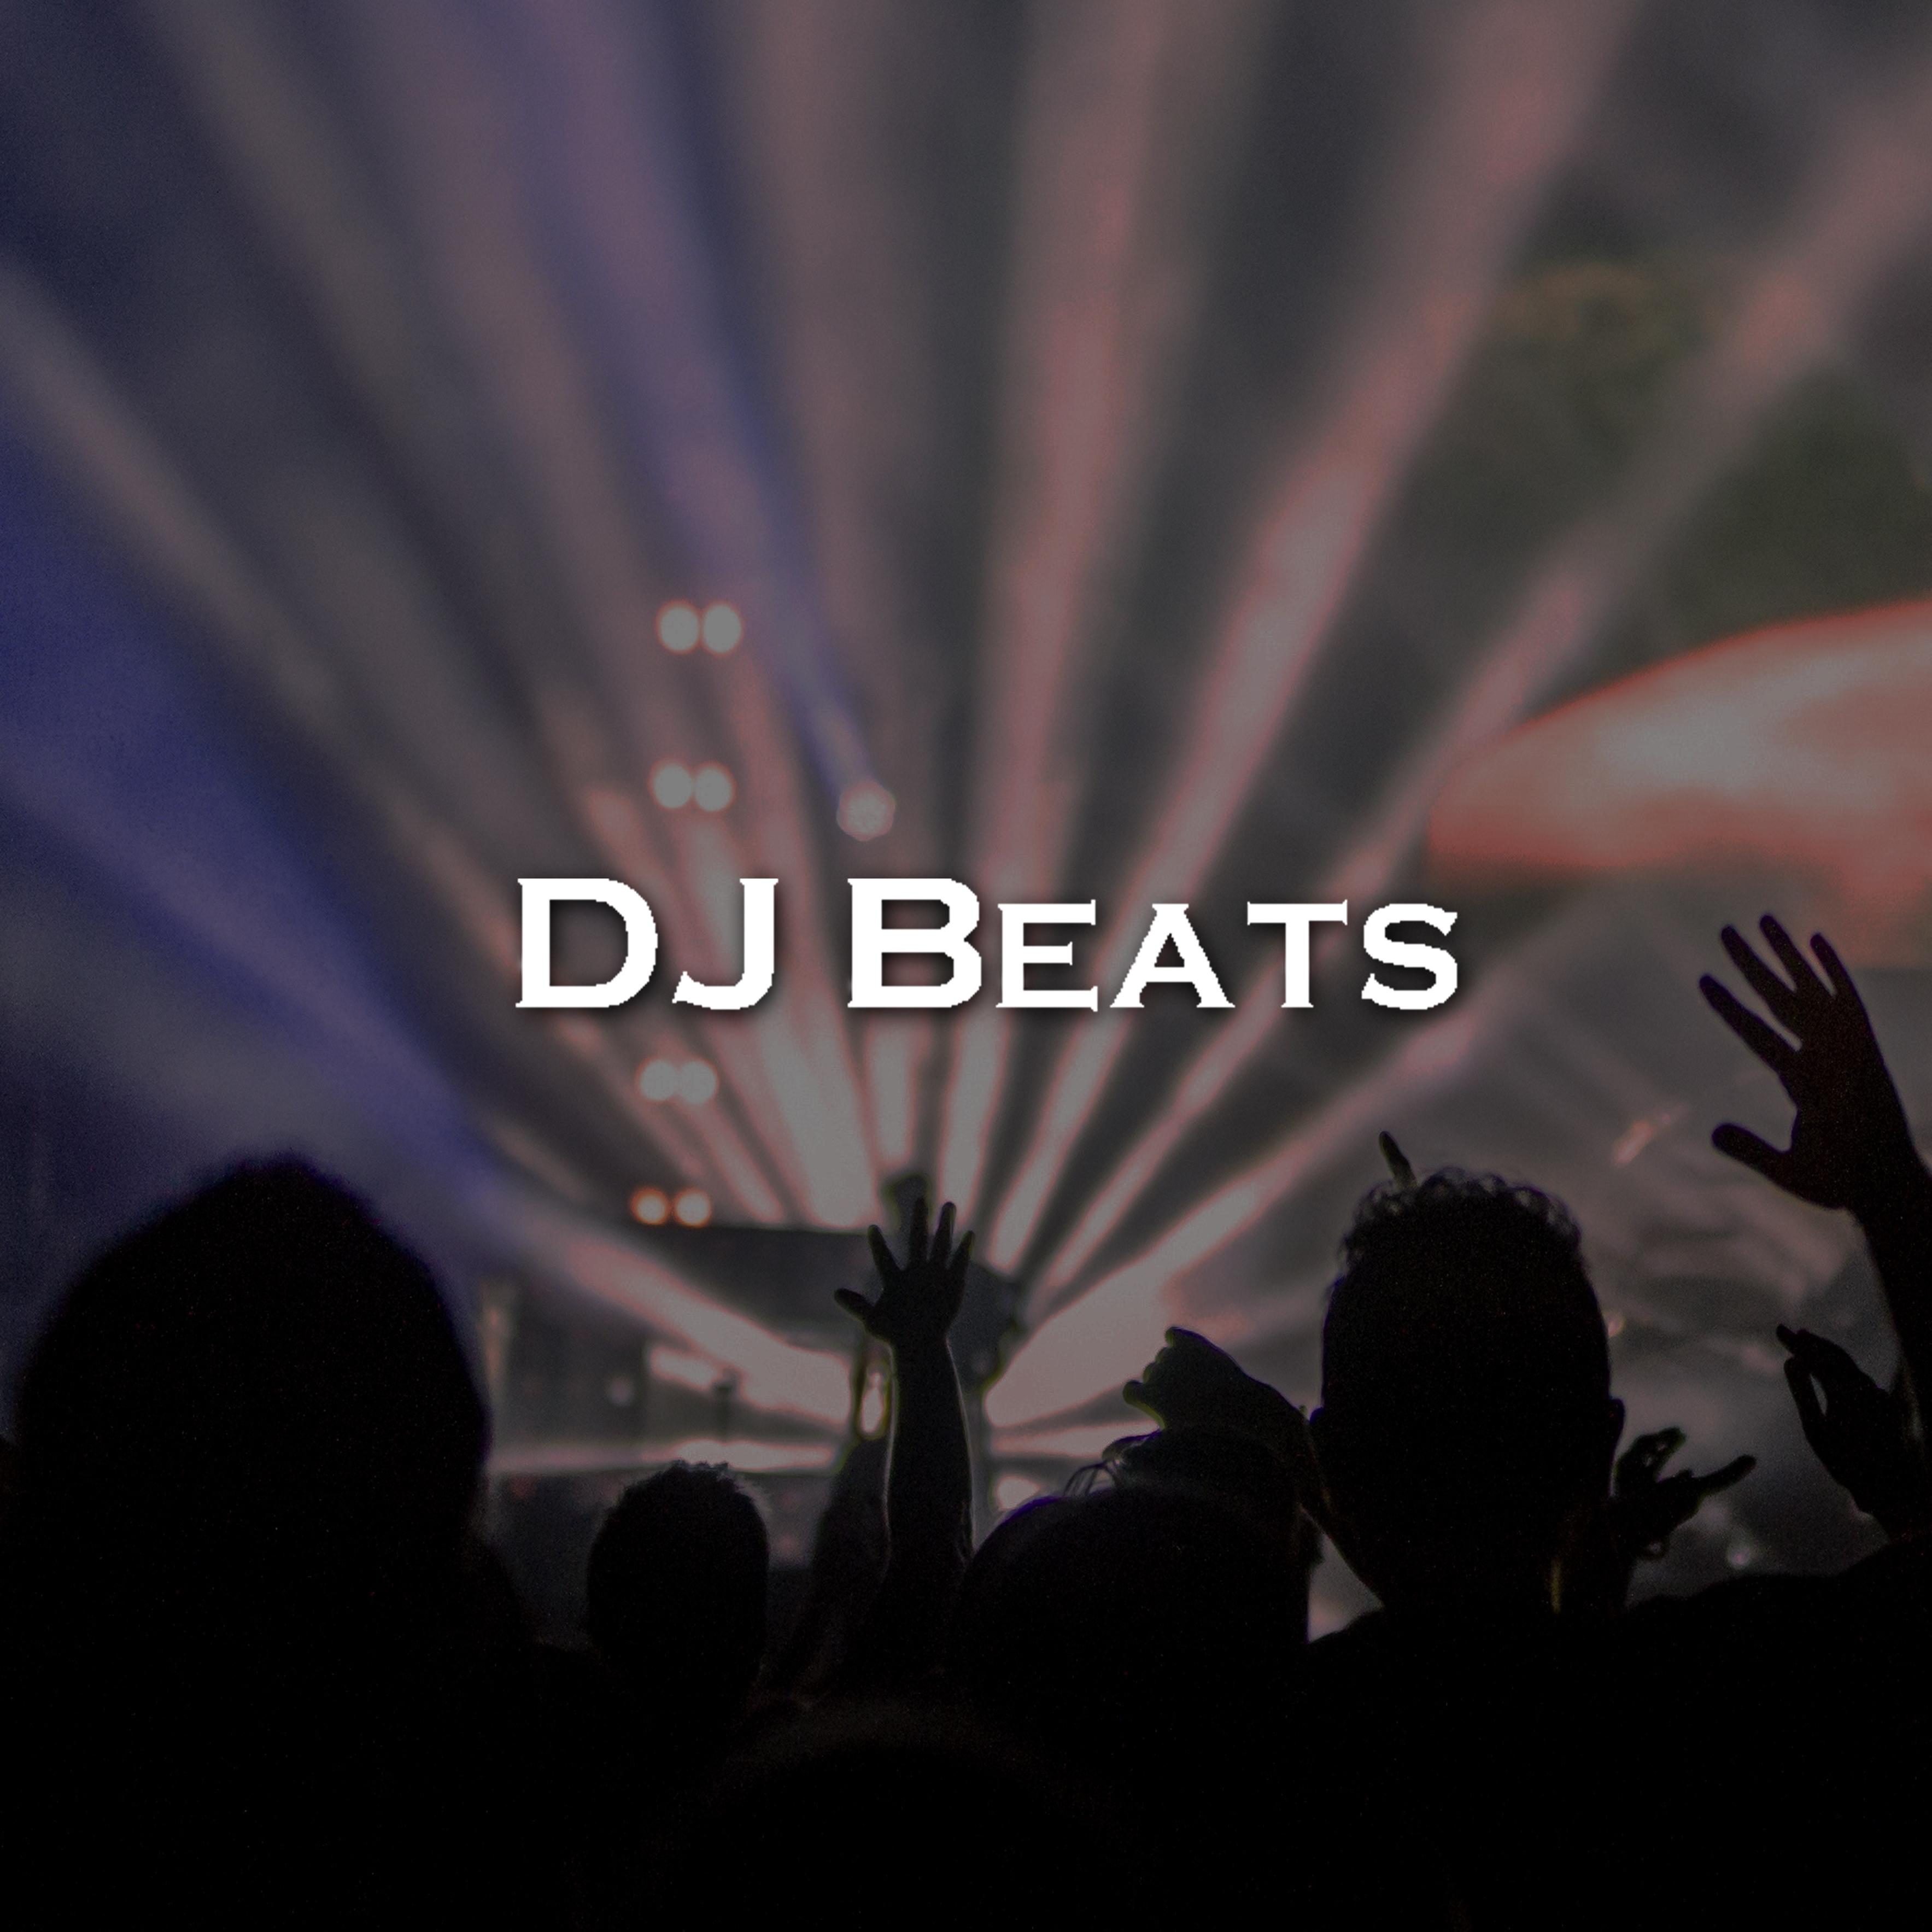 dj-beats